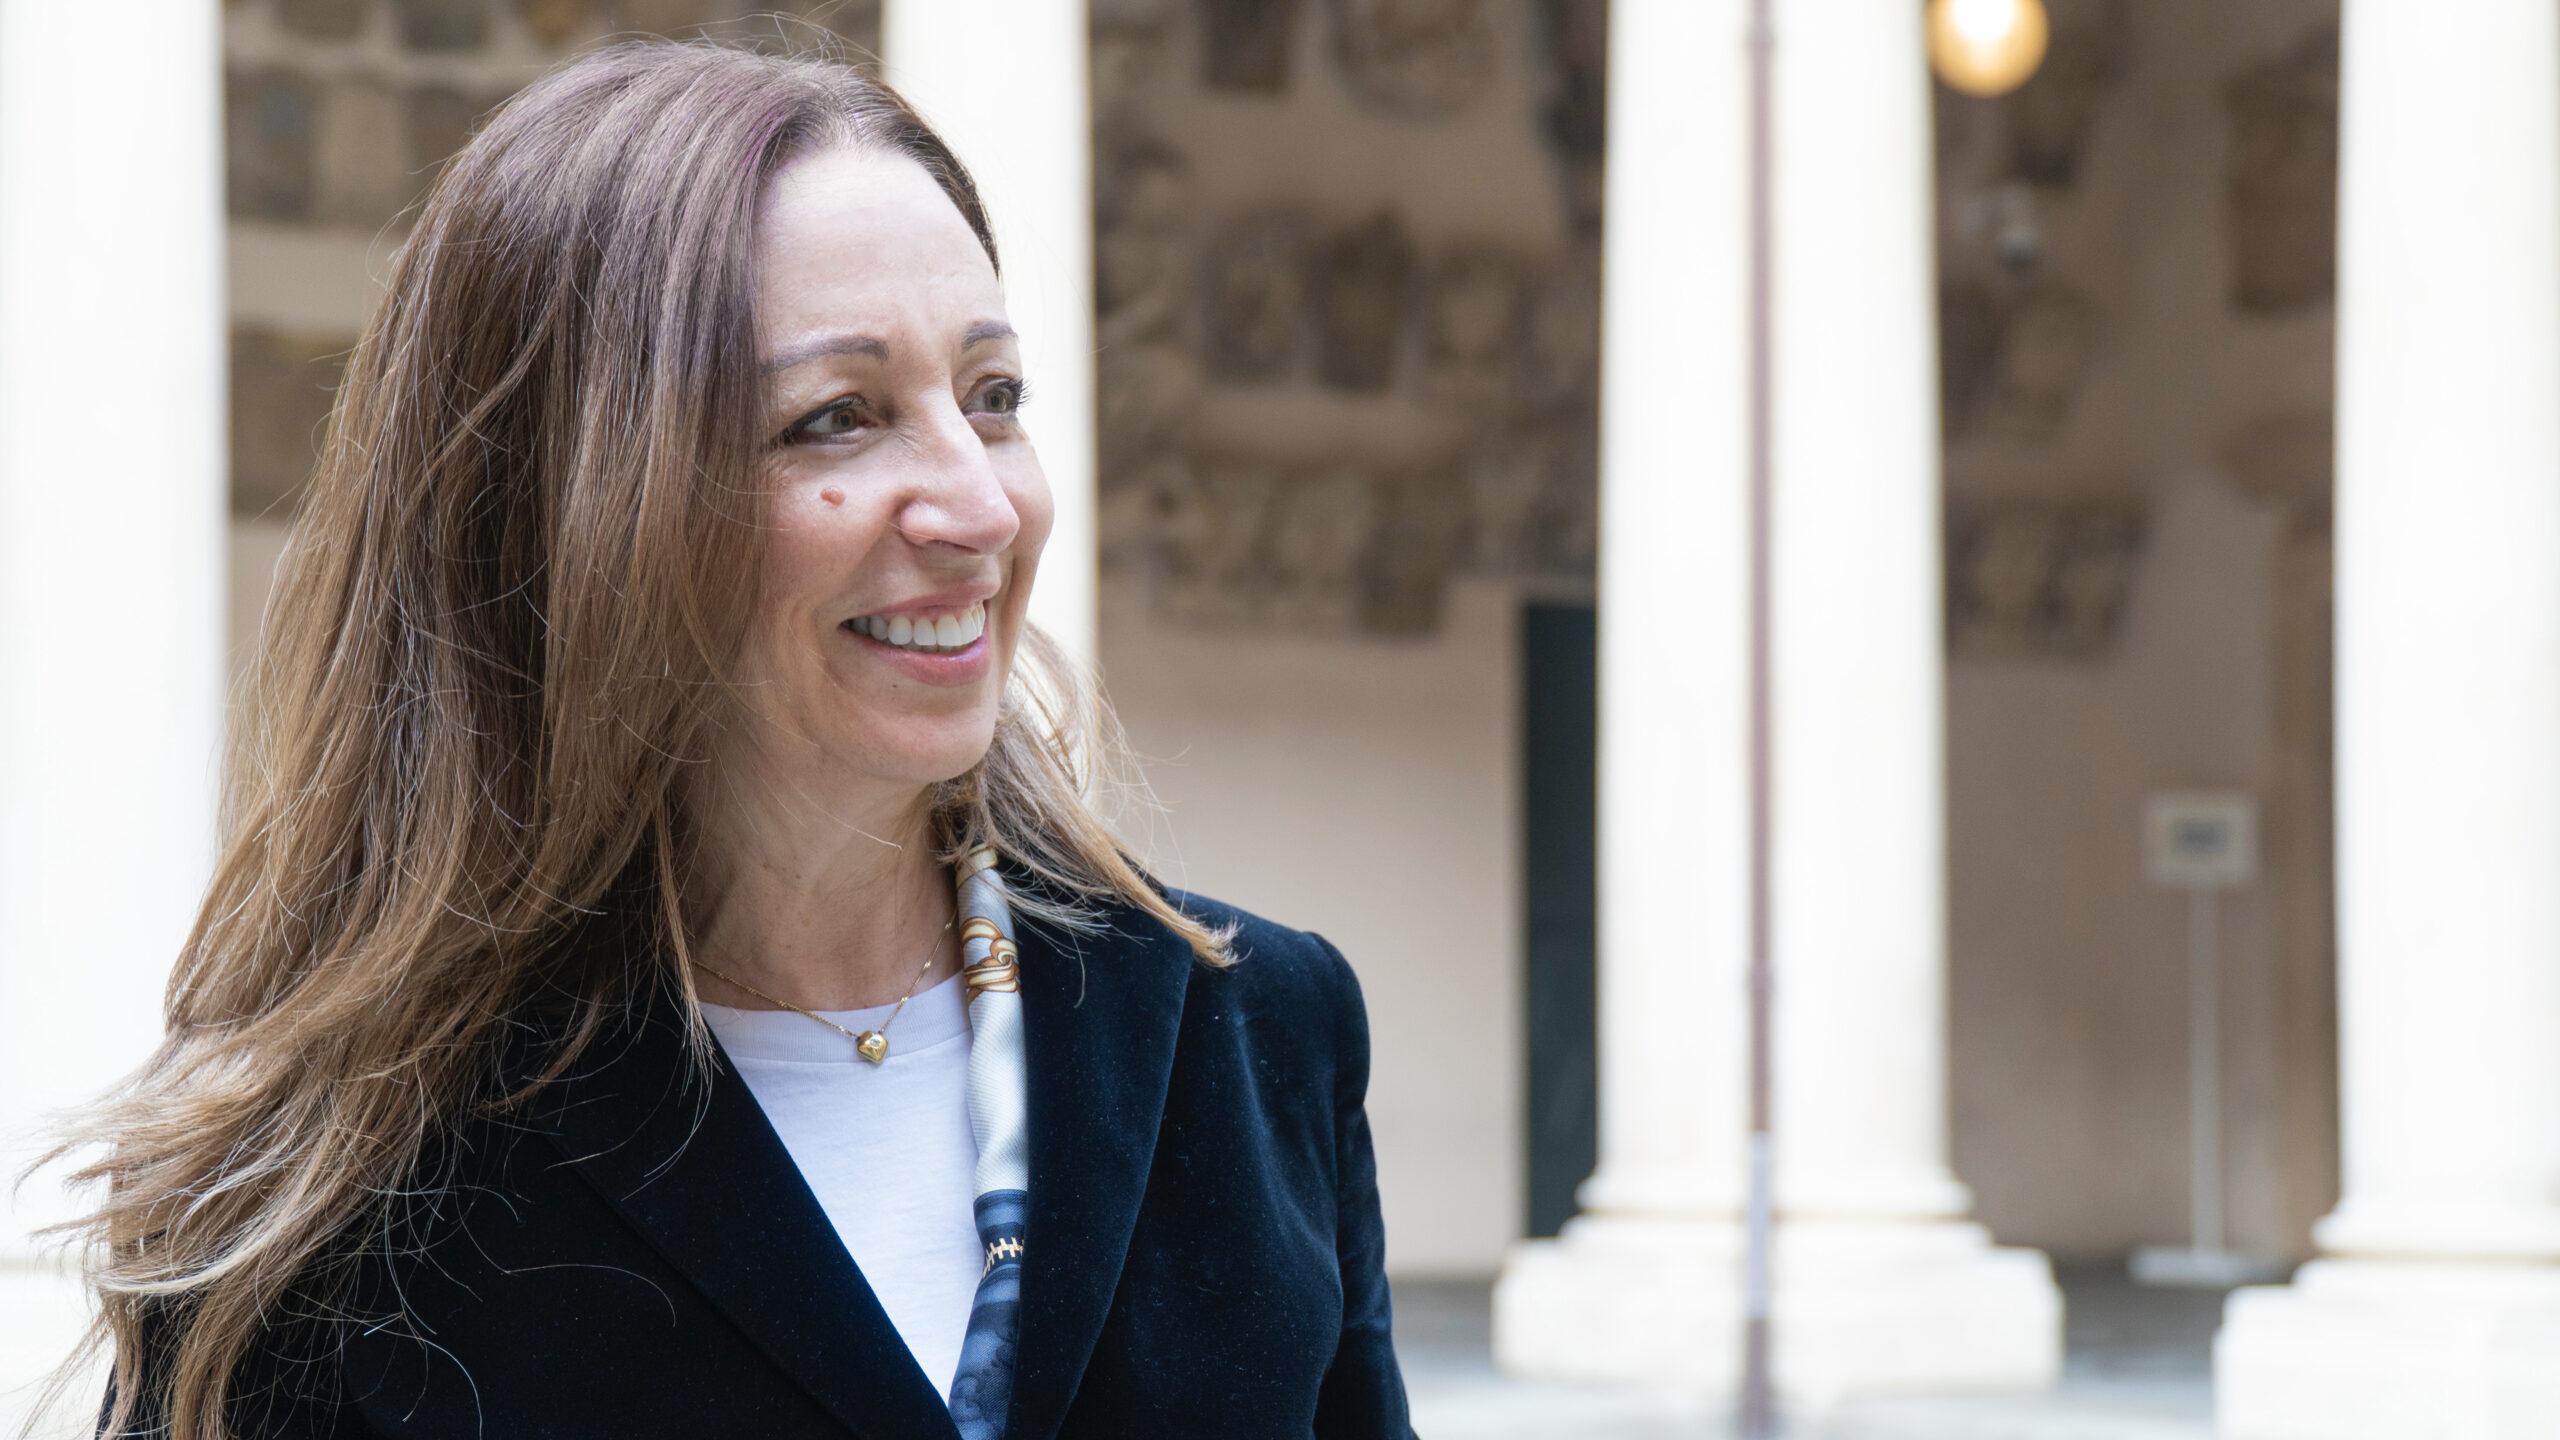 Chi è Daniela Mapelli, candidata nelle elezioni 2021 alla carica di rettore dell'Università degli Studi di Padova per renderla l'università delle opportunità